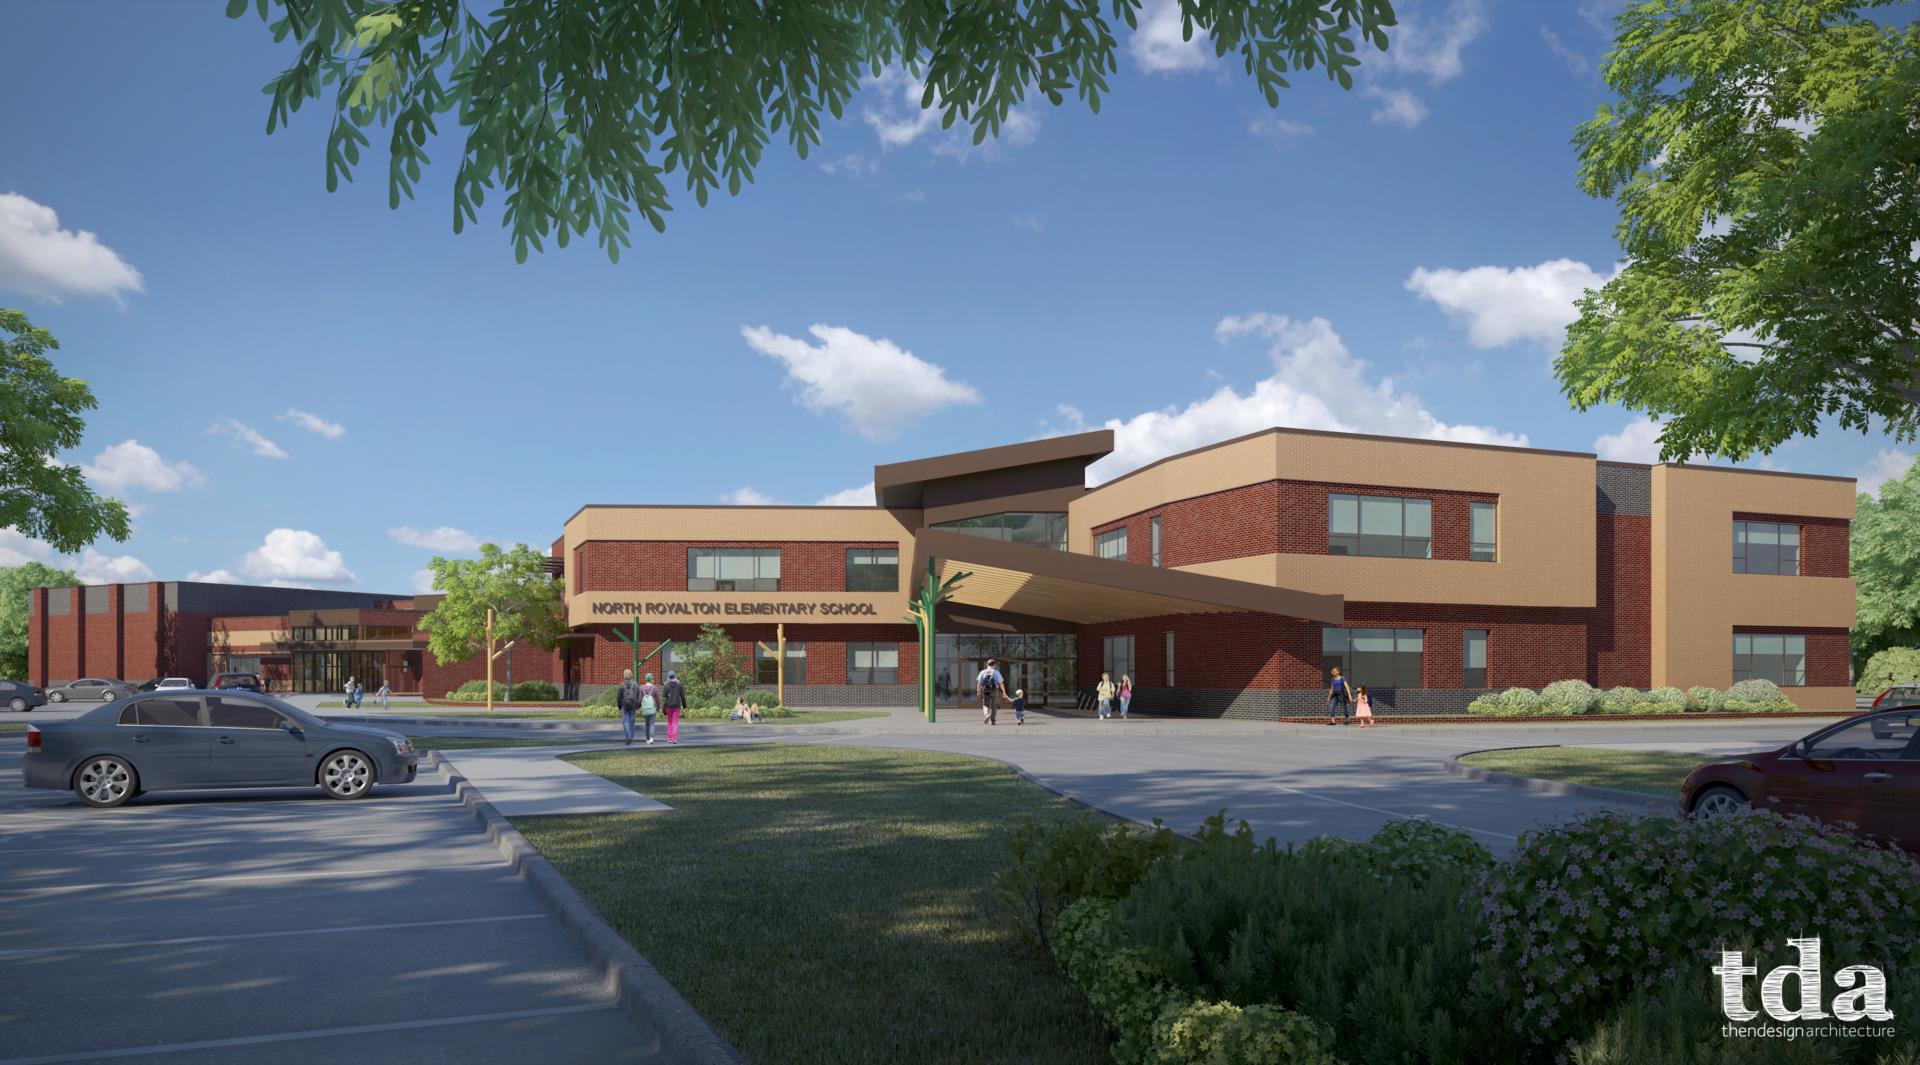 TDA rendering of North Royalton Elementary School